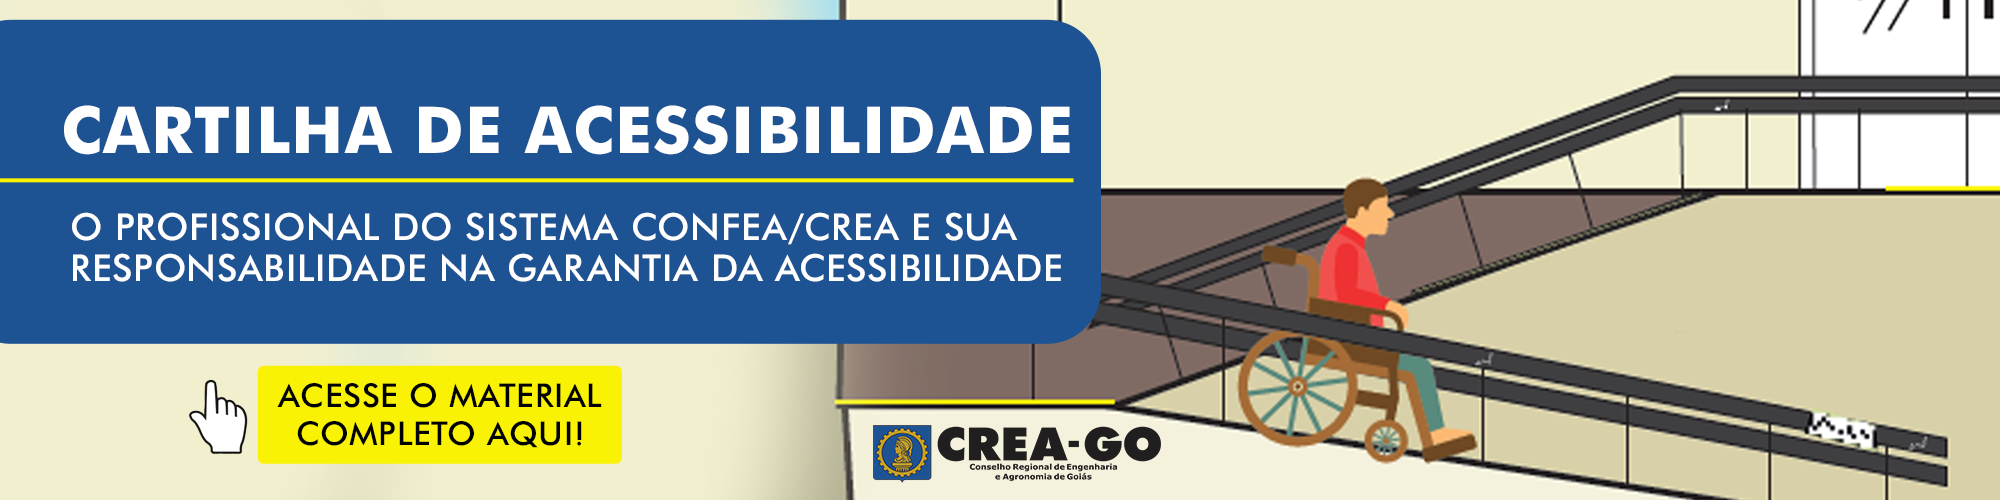 [banner: banner]  - Cartilha Acessibilidade - Imagem para Banner (1).png